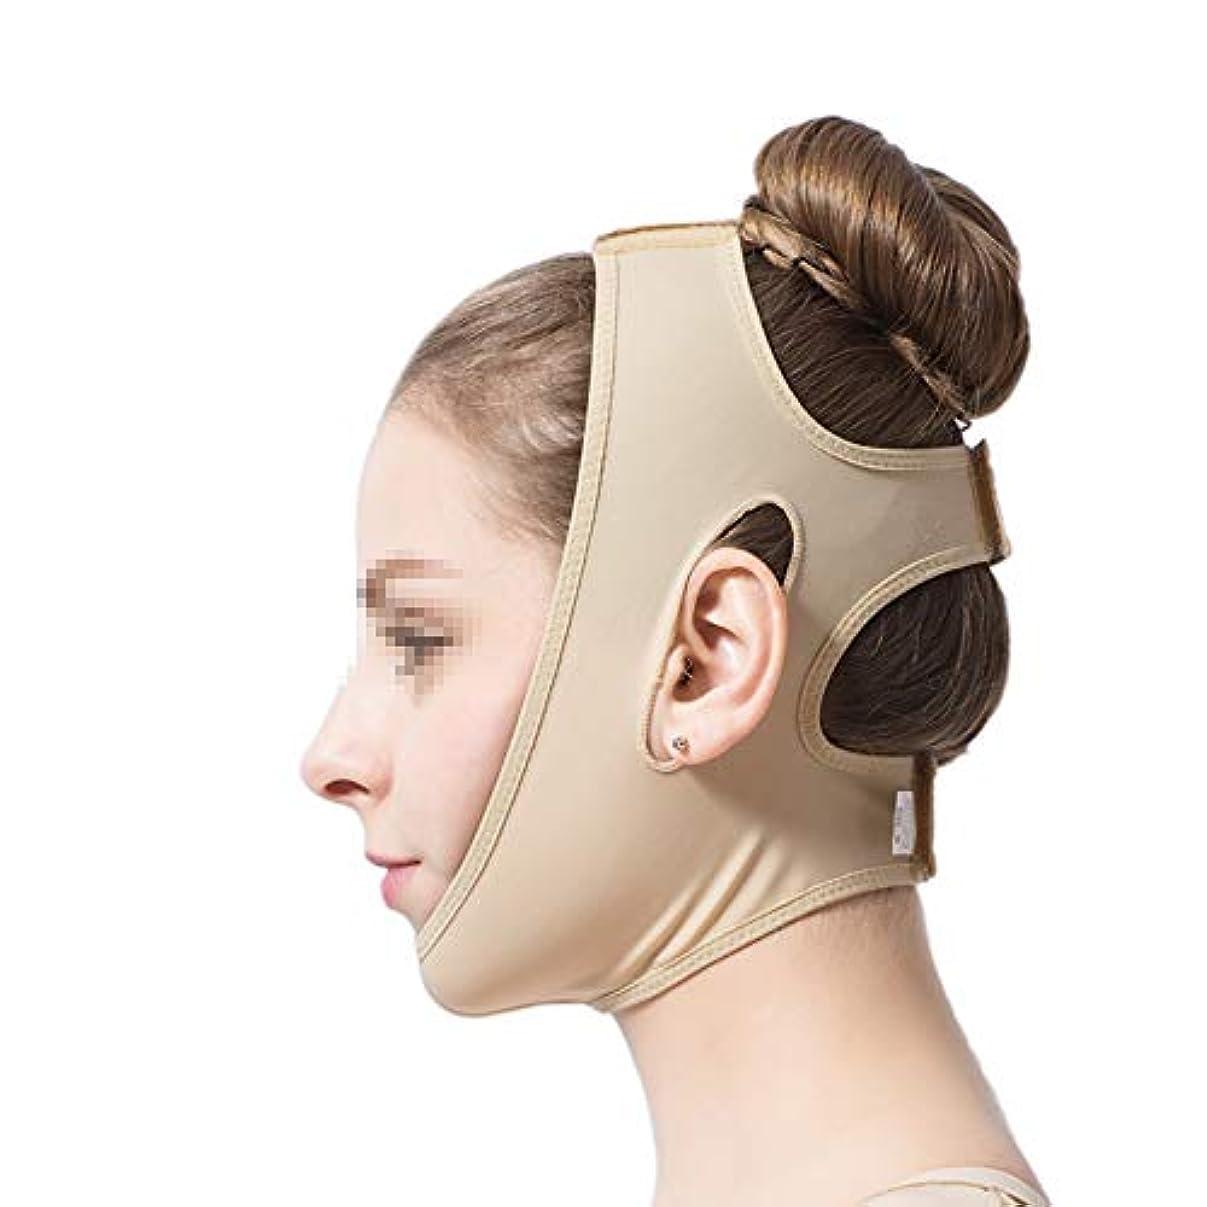 傾斜公使館騒々しいフェイスリフトマスク、下顎袖医療グレード脂肪吸引術整形弾性ヘッドギアダブルあご顔ライン彫刻圧力包帯 (Size : S)